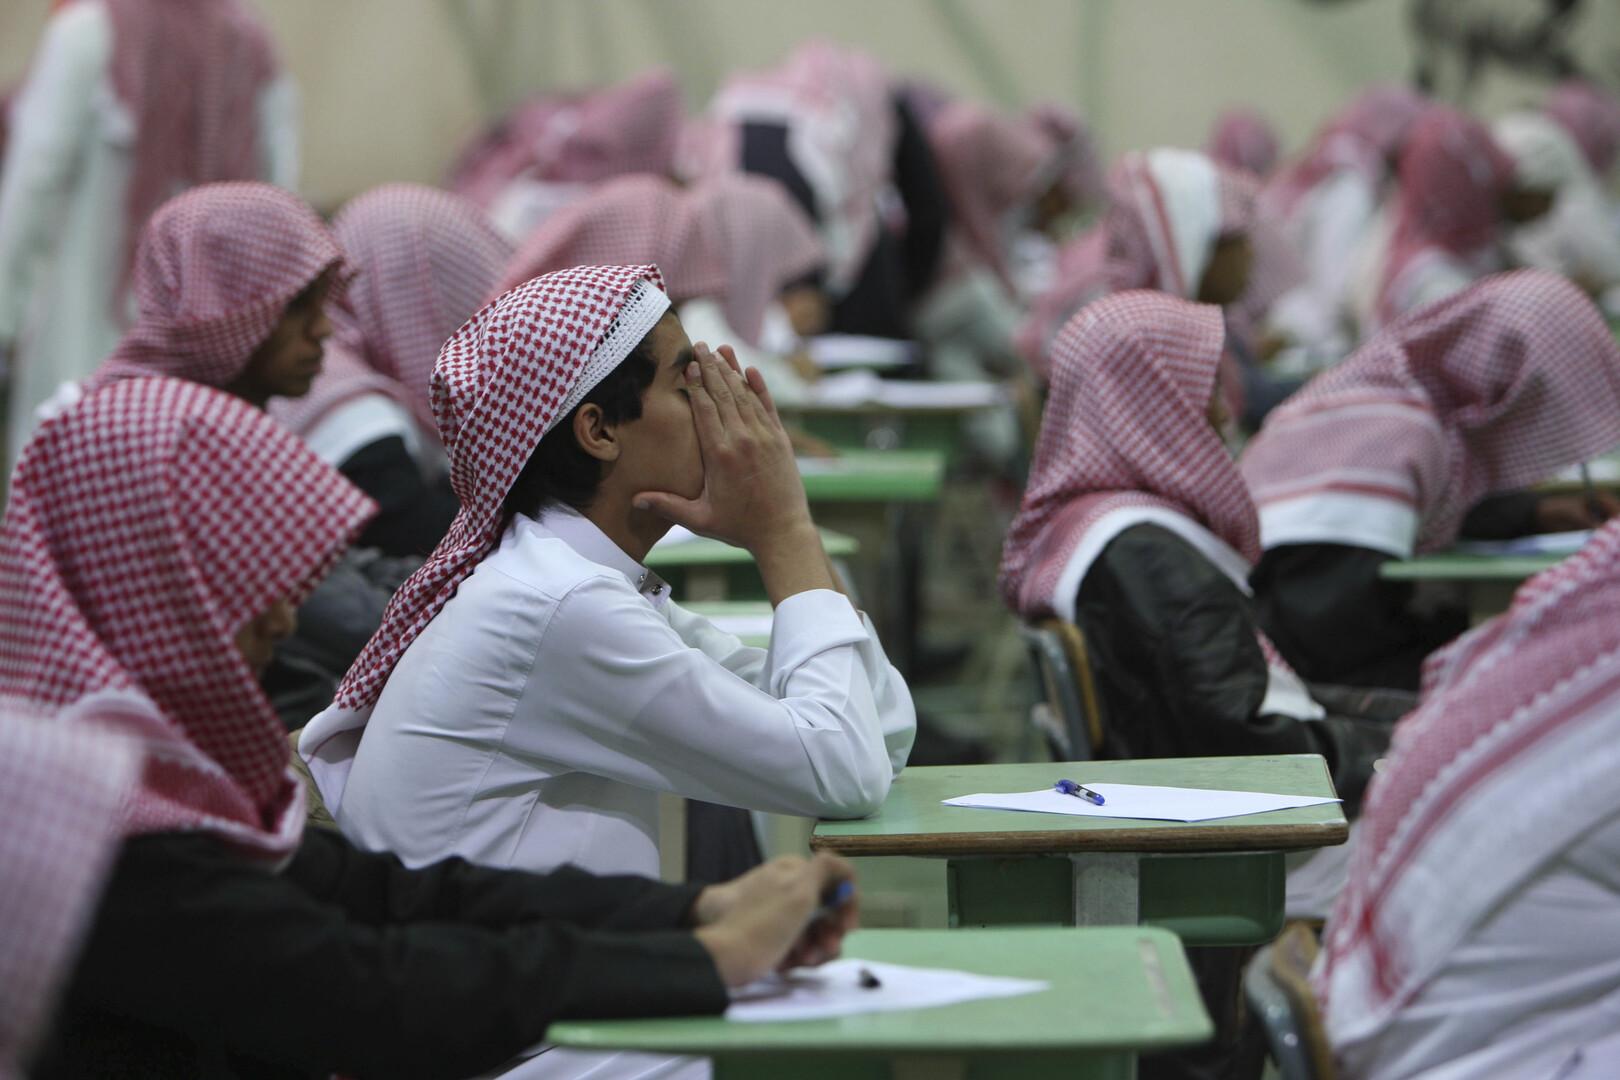 السعودية.. مقتل تلميذ خنقا على يد زميله